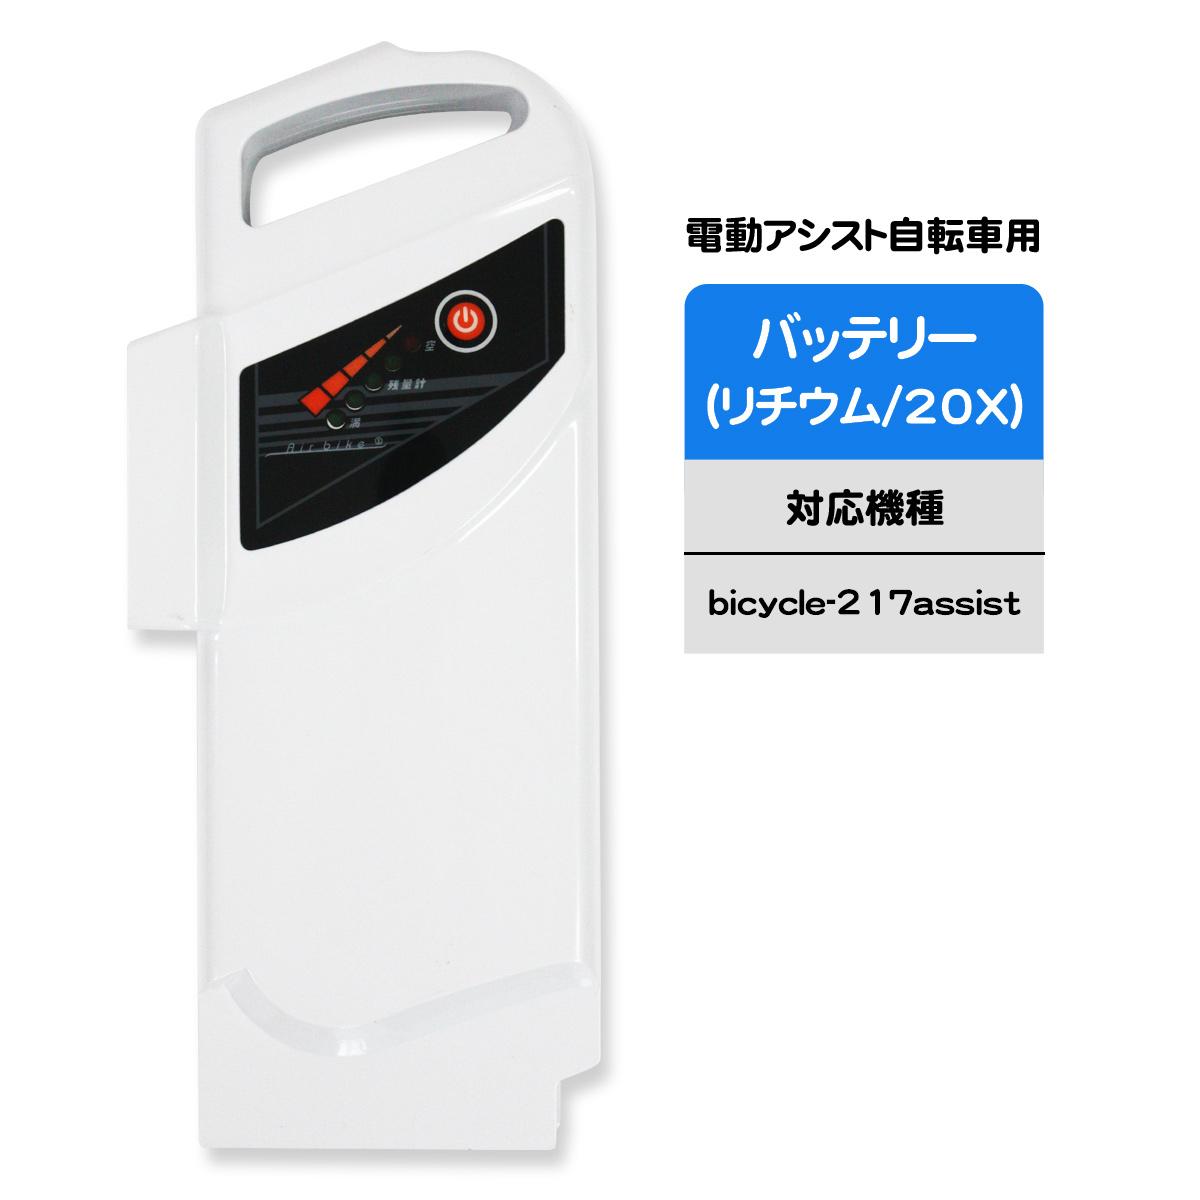 電動アシスト自転車用バッテリー(20X リチウム型)